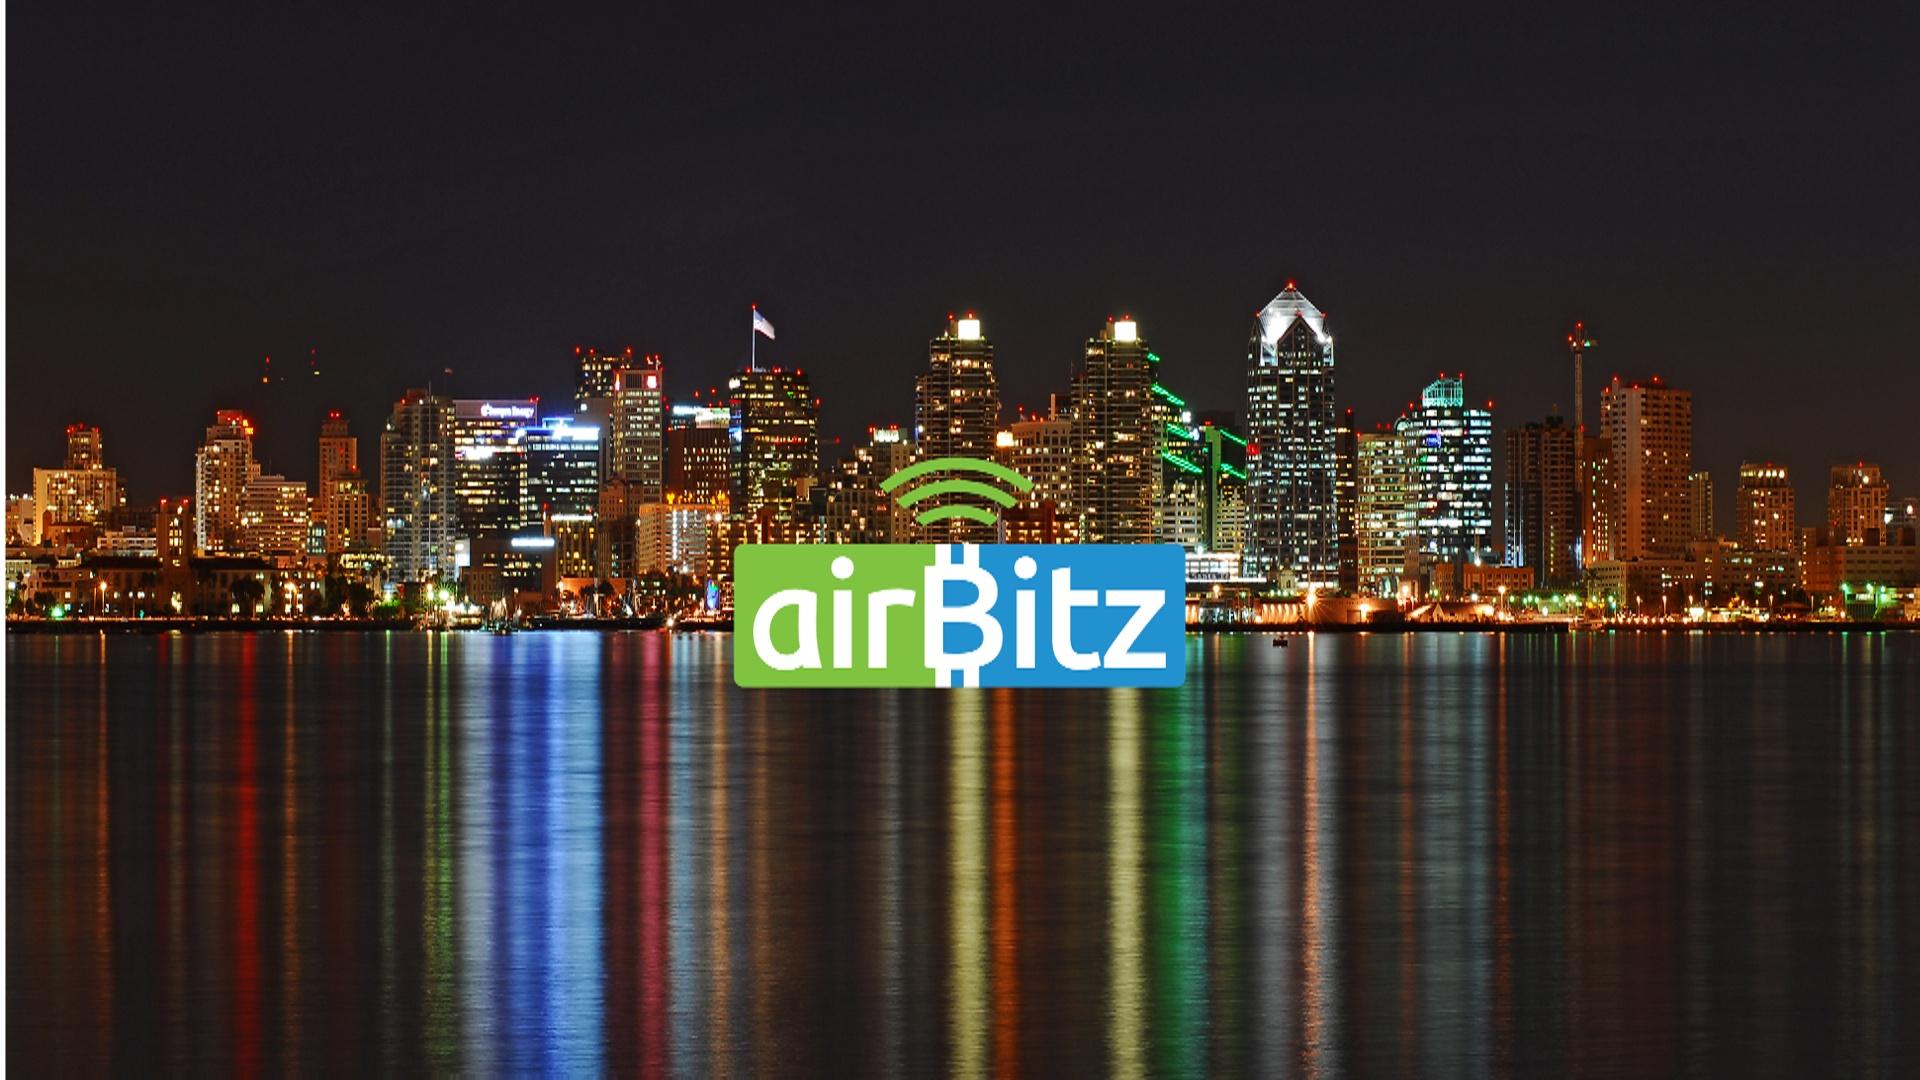 Team Airbitz